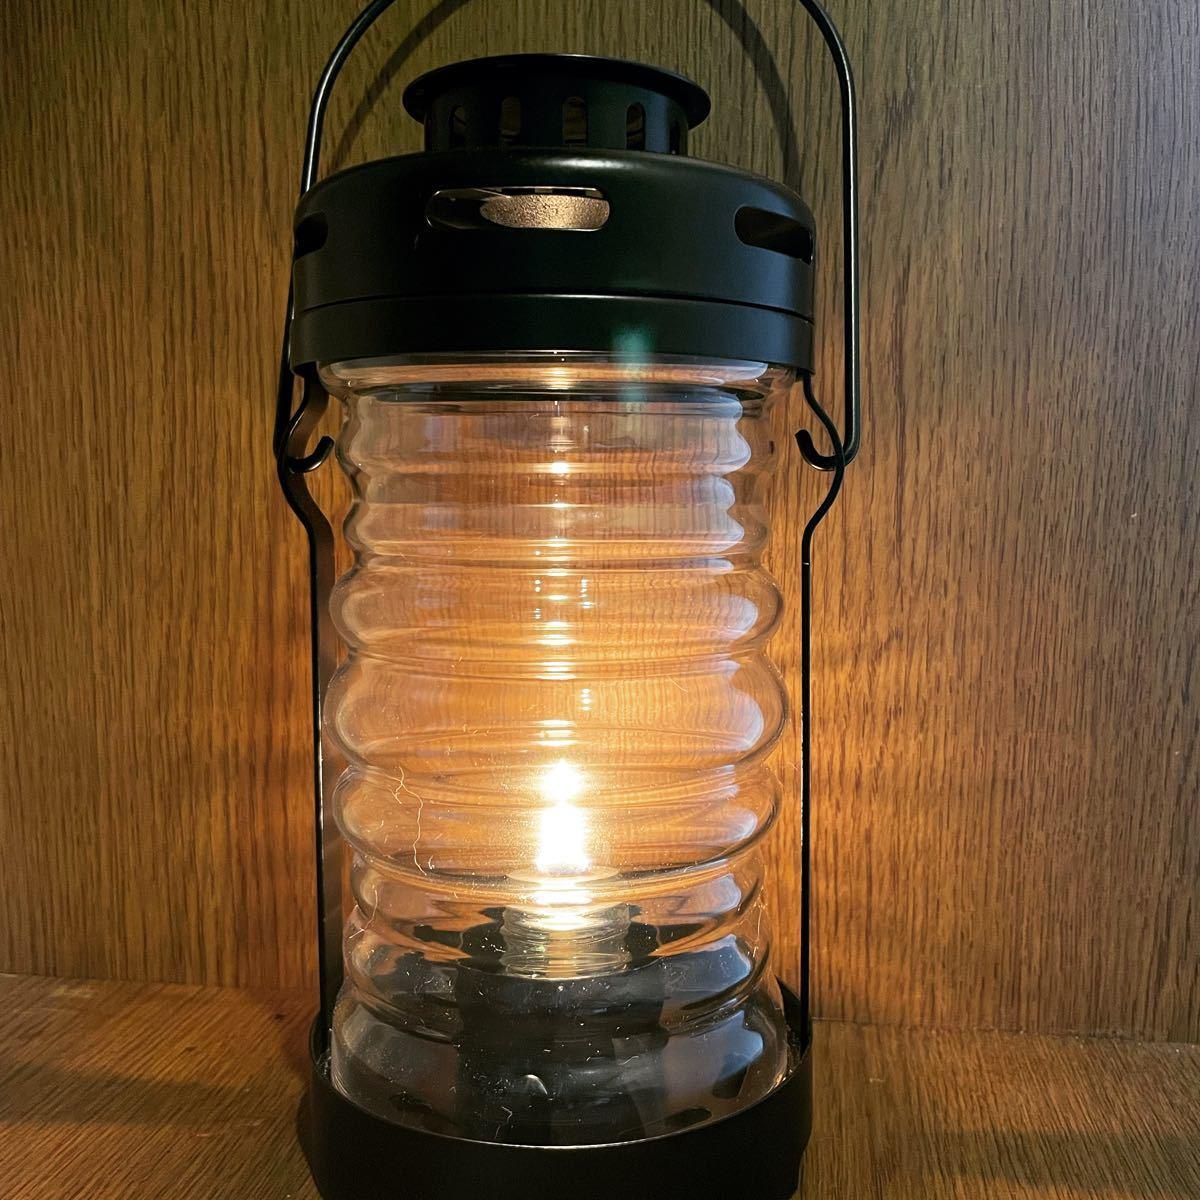 キャンドルランタン用 オイルランプ